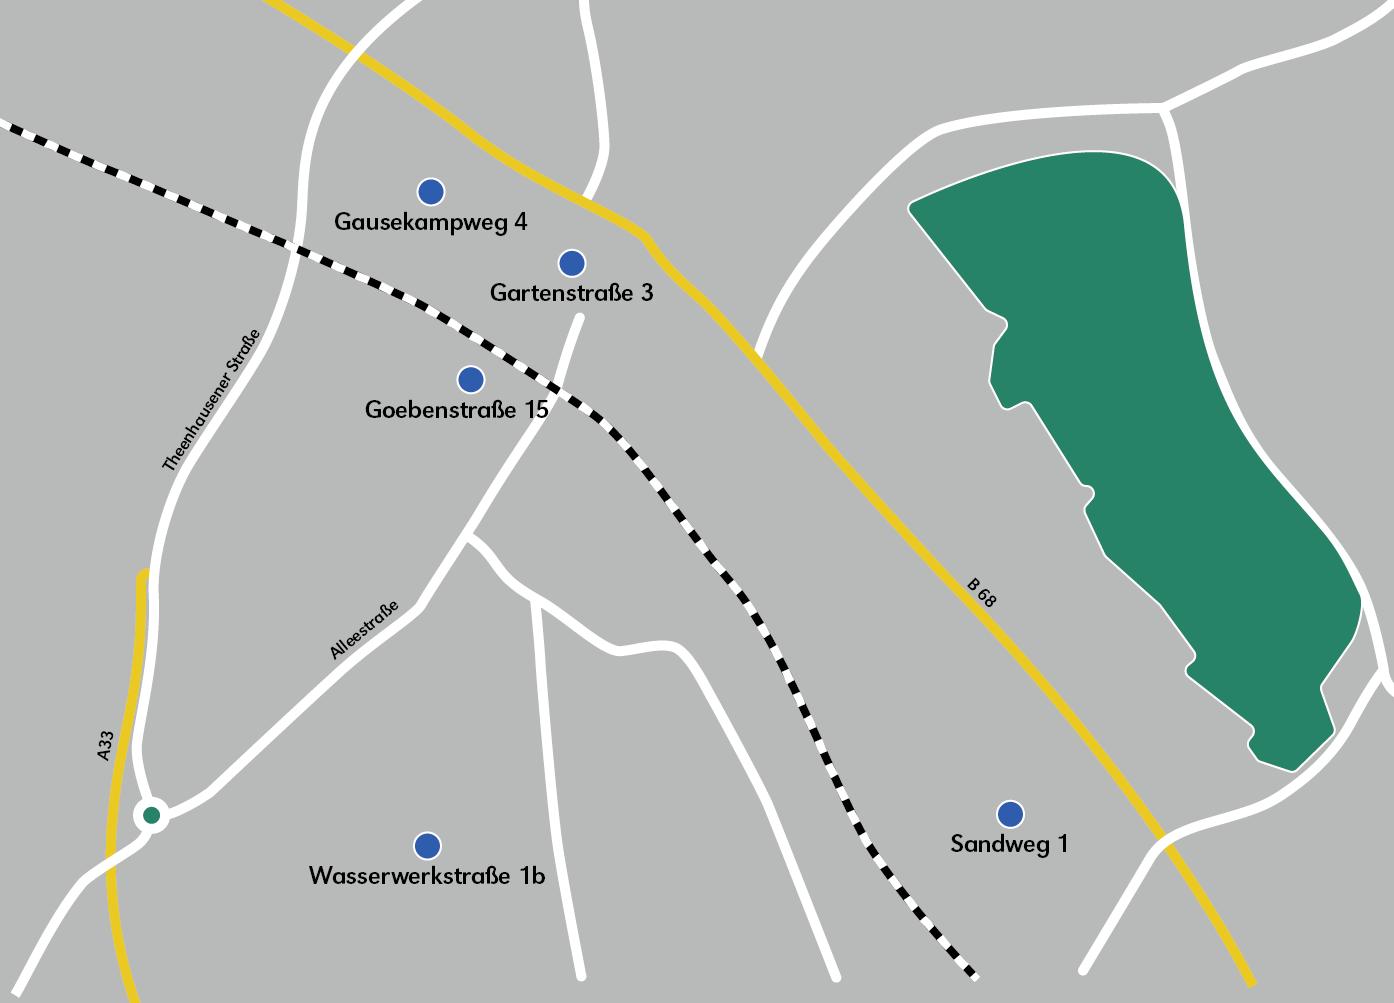 Karte Maps mit Ladesäulen Punkte